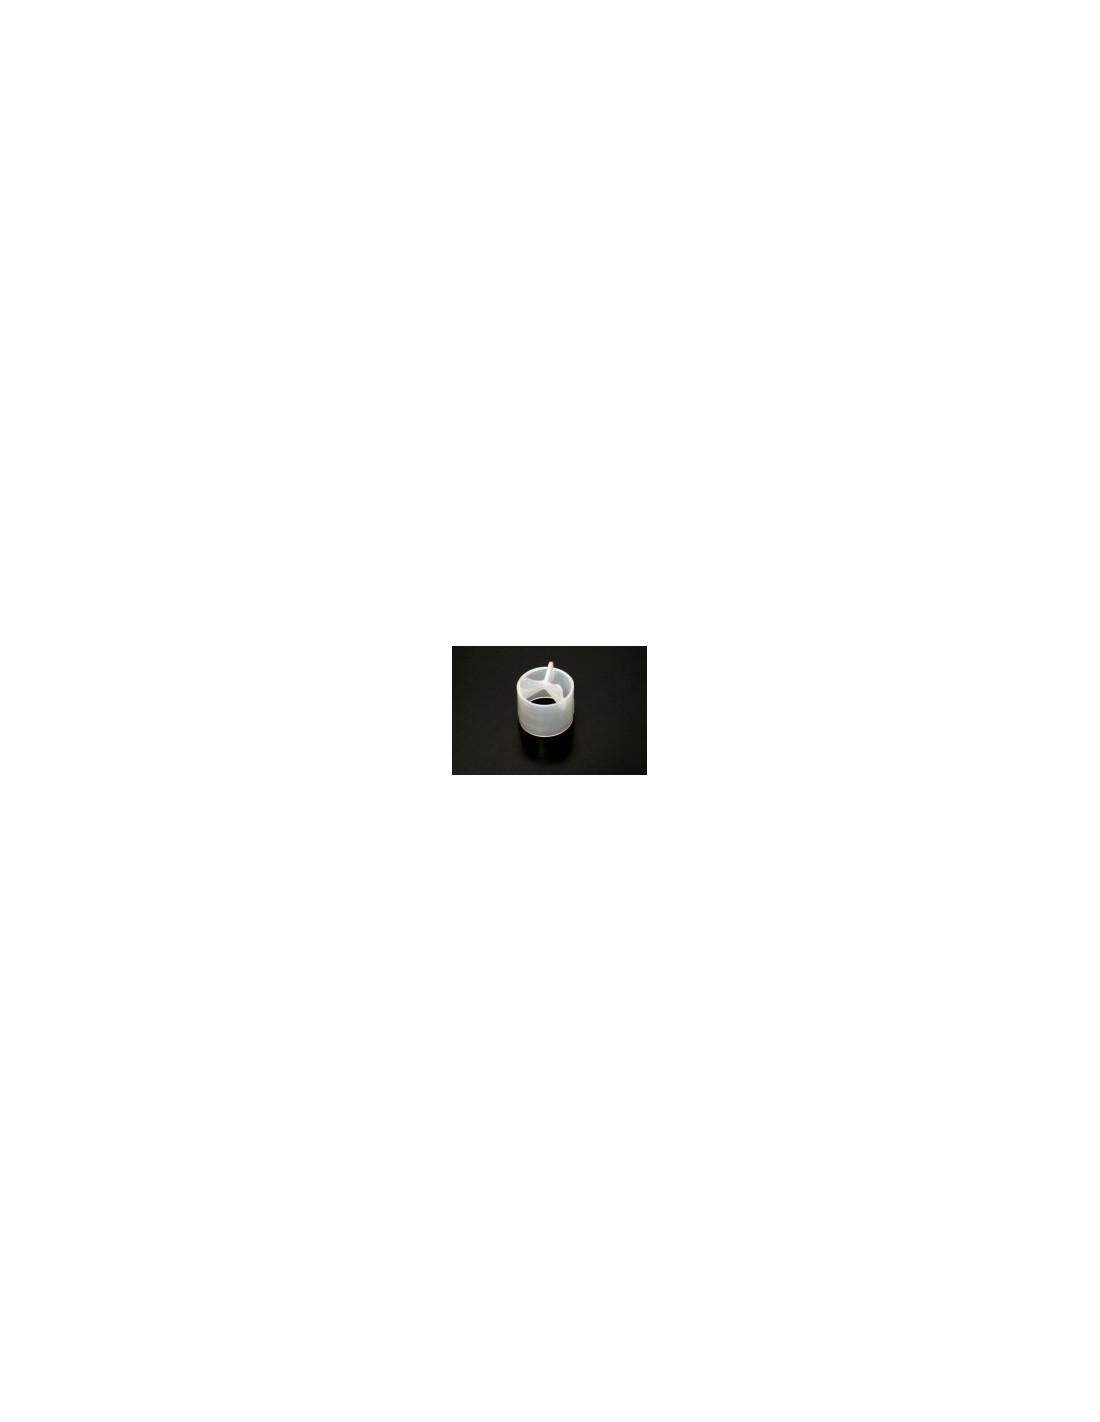 NAR00817 - Säte för kulformad återflödesblockerare